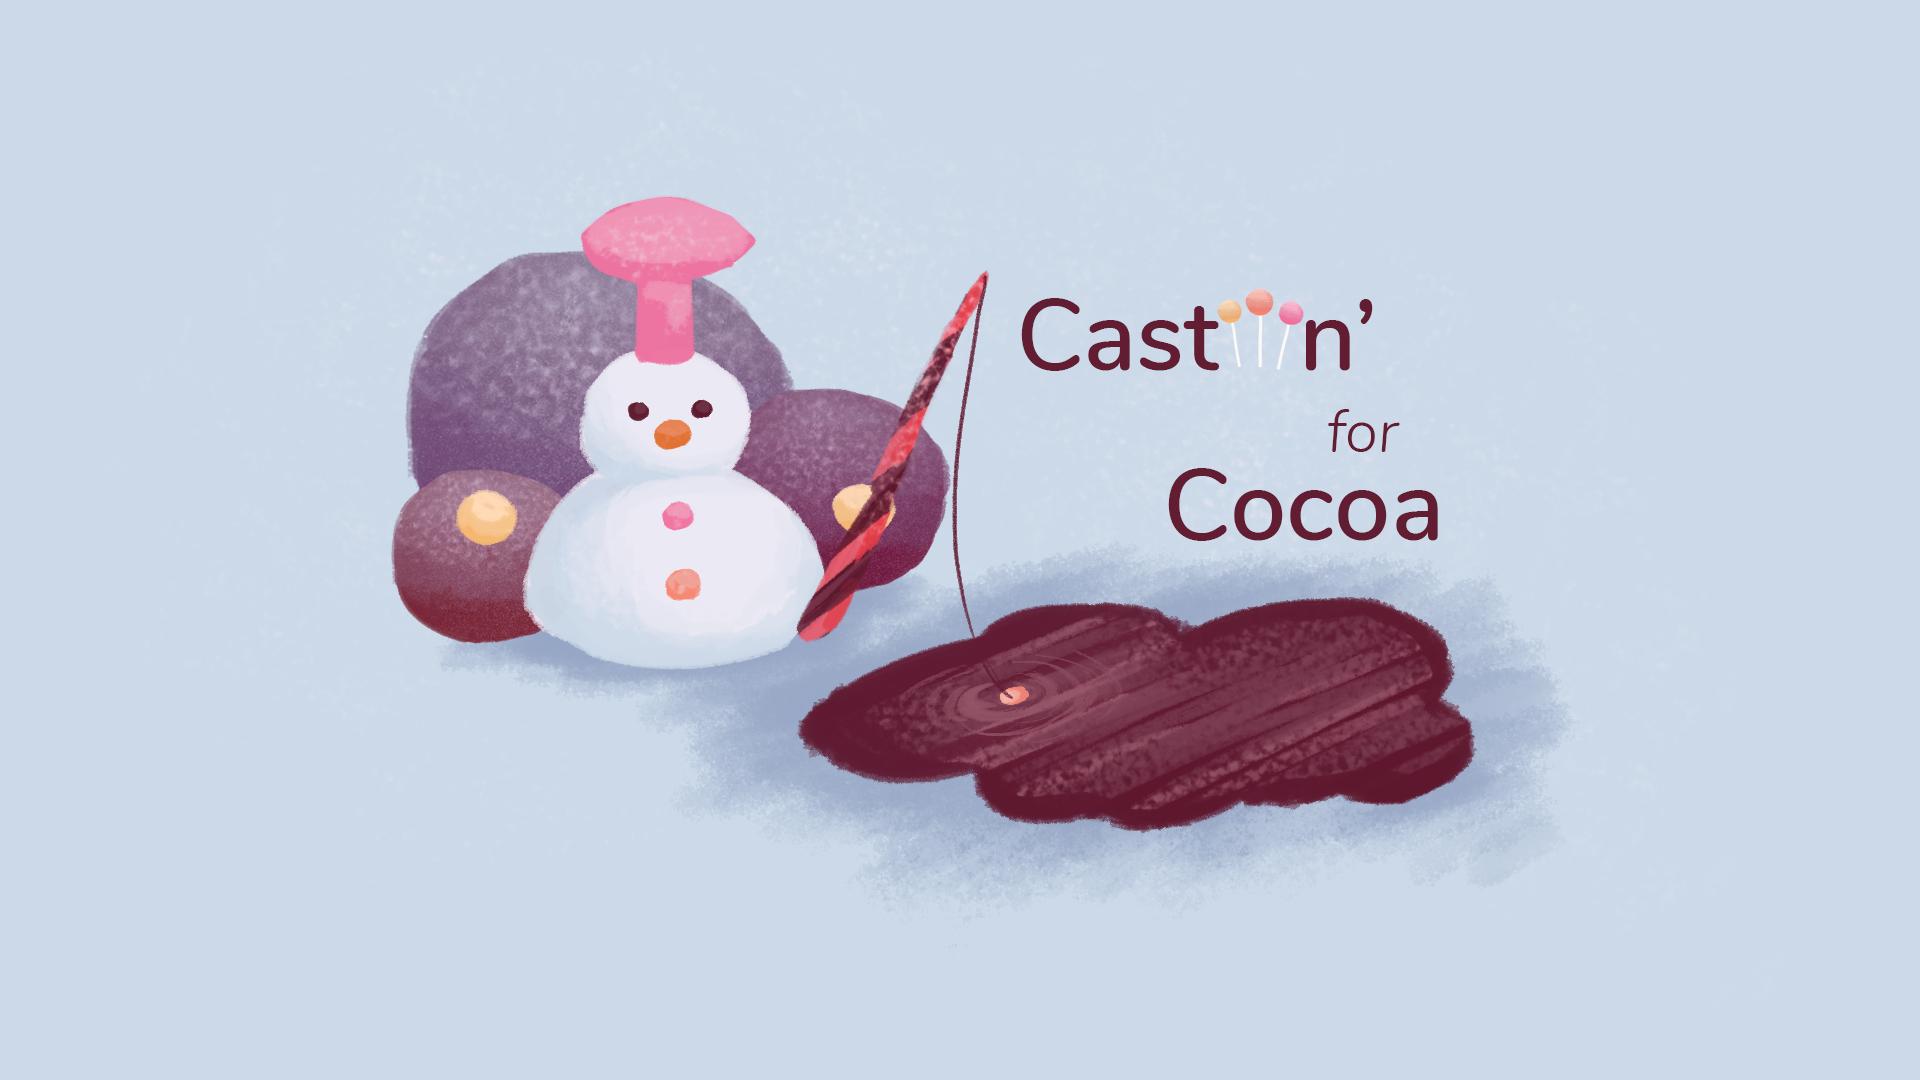 Castin' for Cocoa